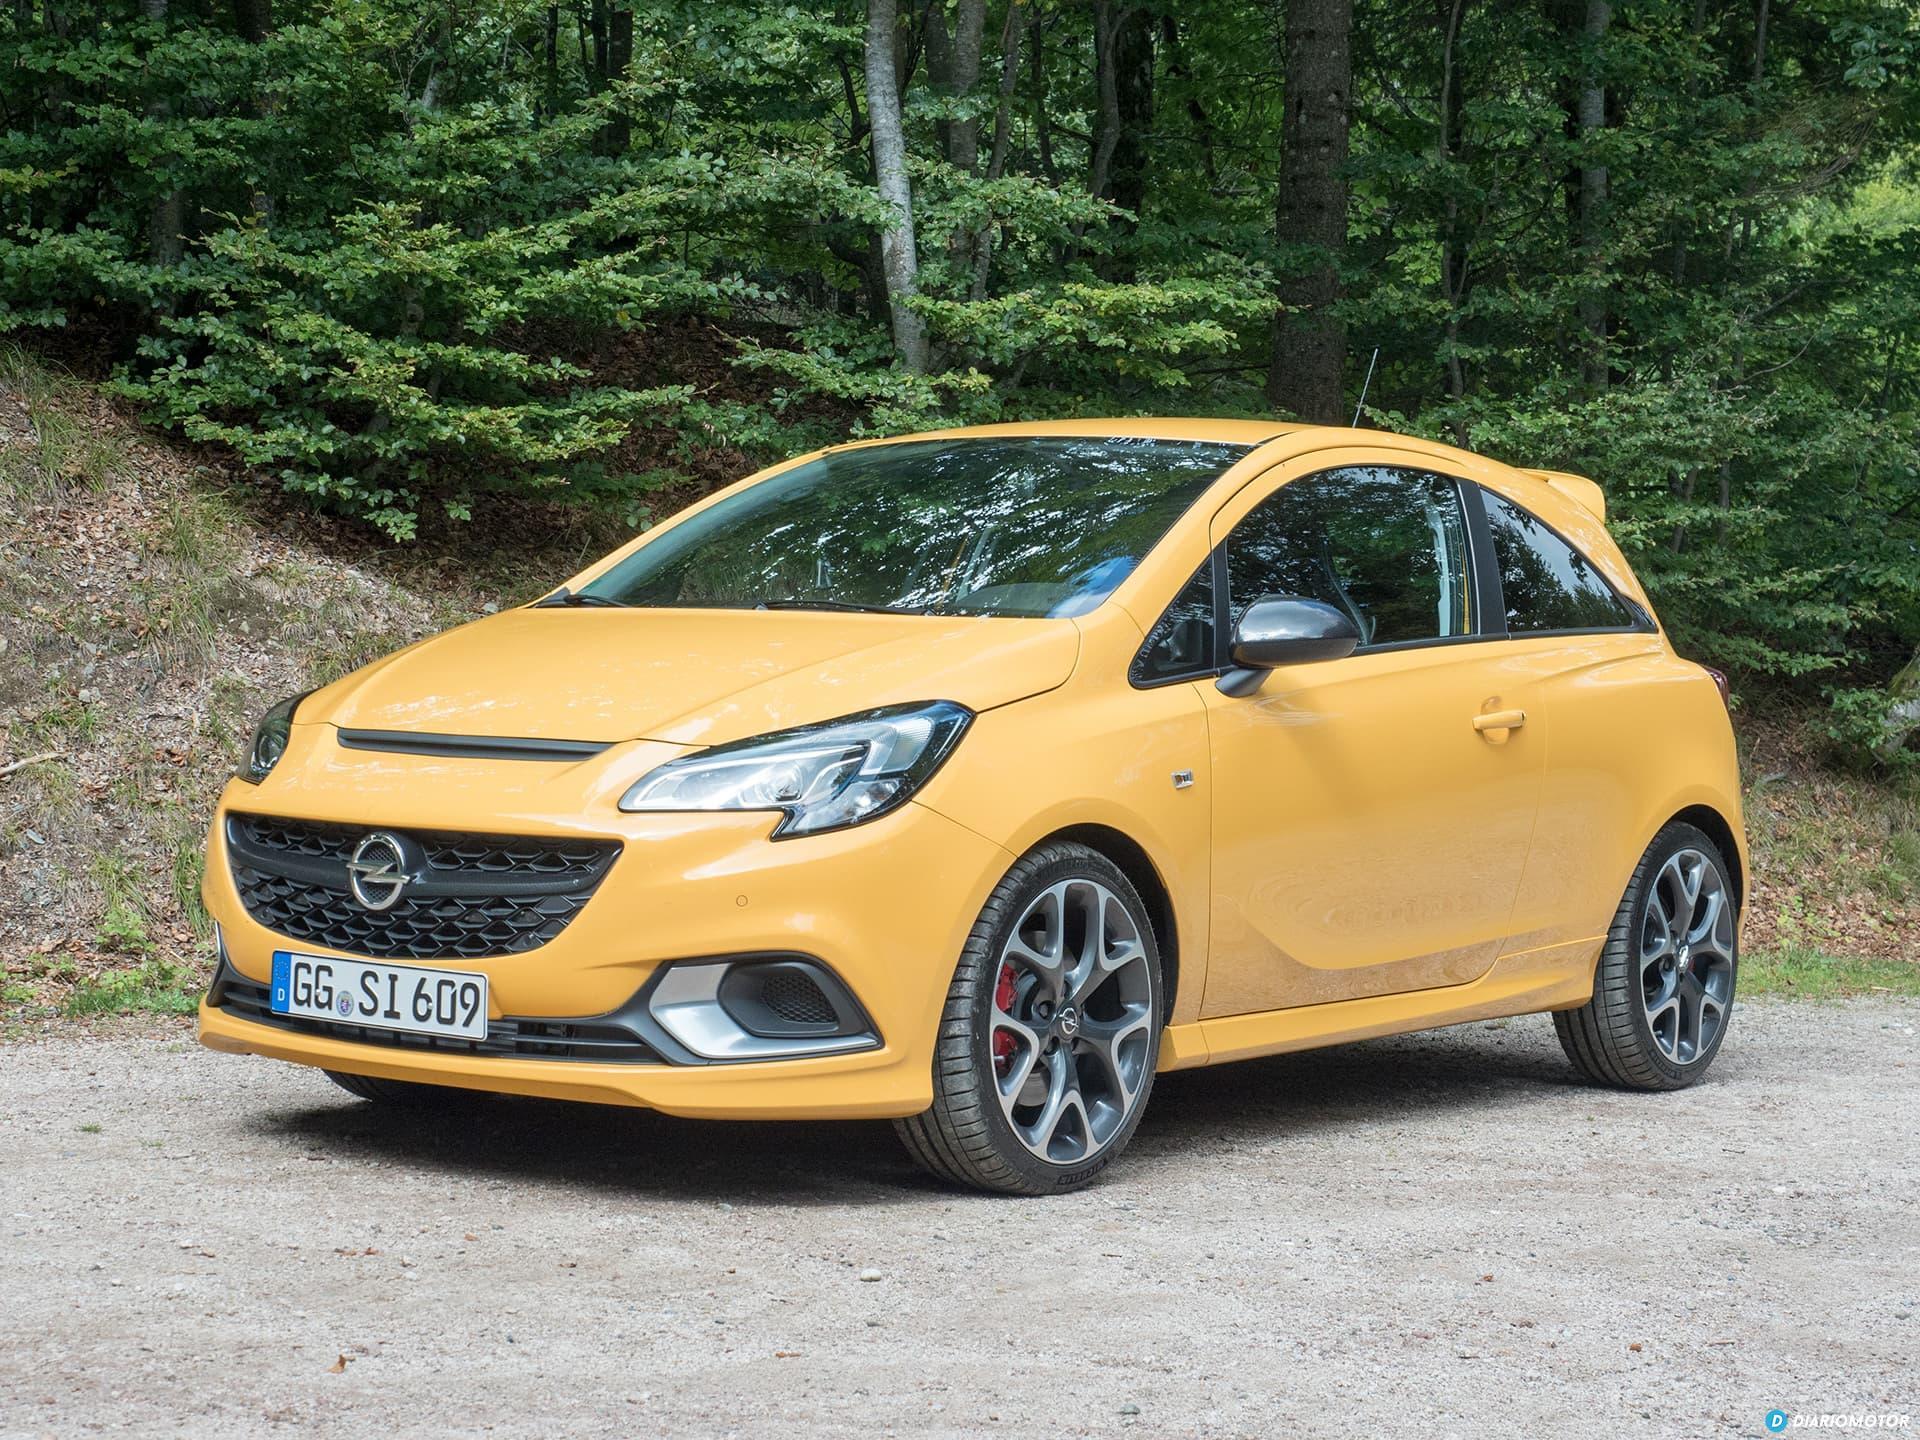 Opel Corsa Gsi Exterior 00011